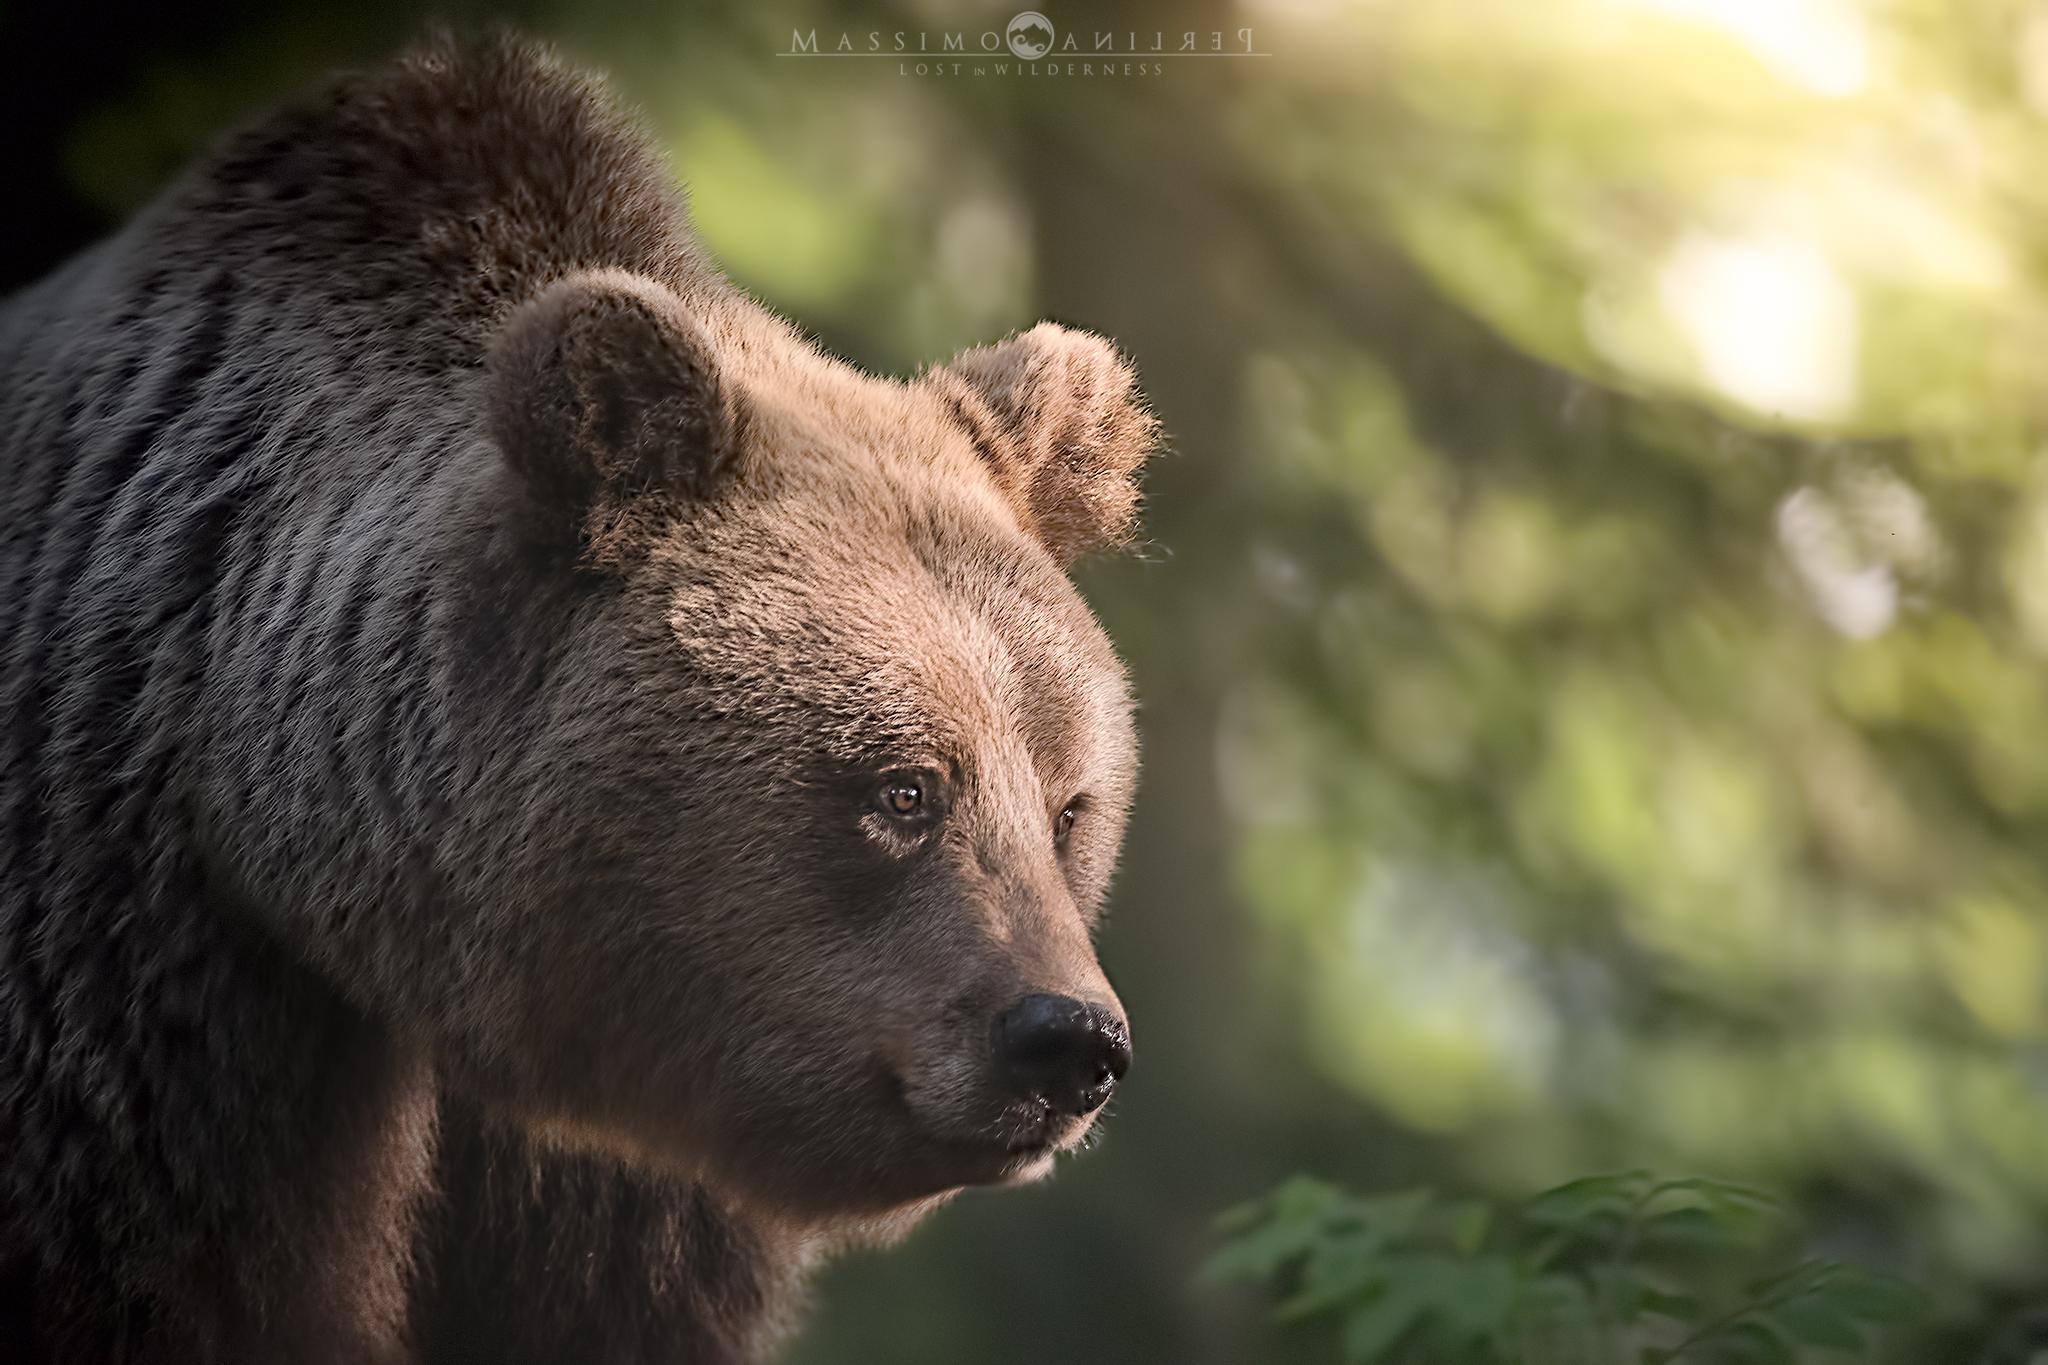 Sonny the Bear...